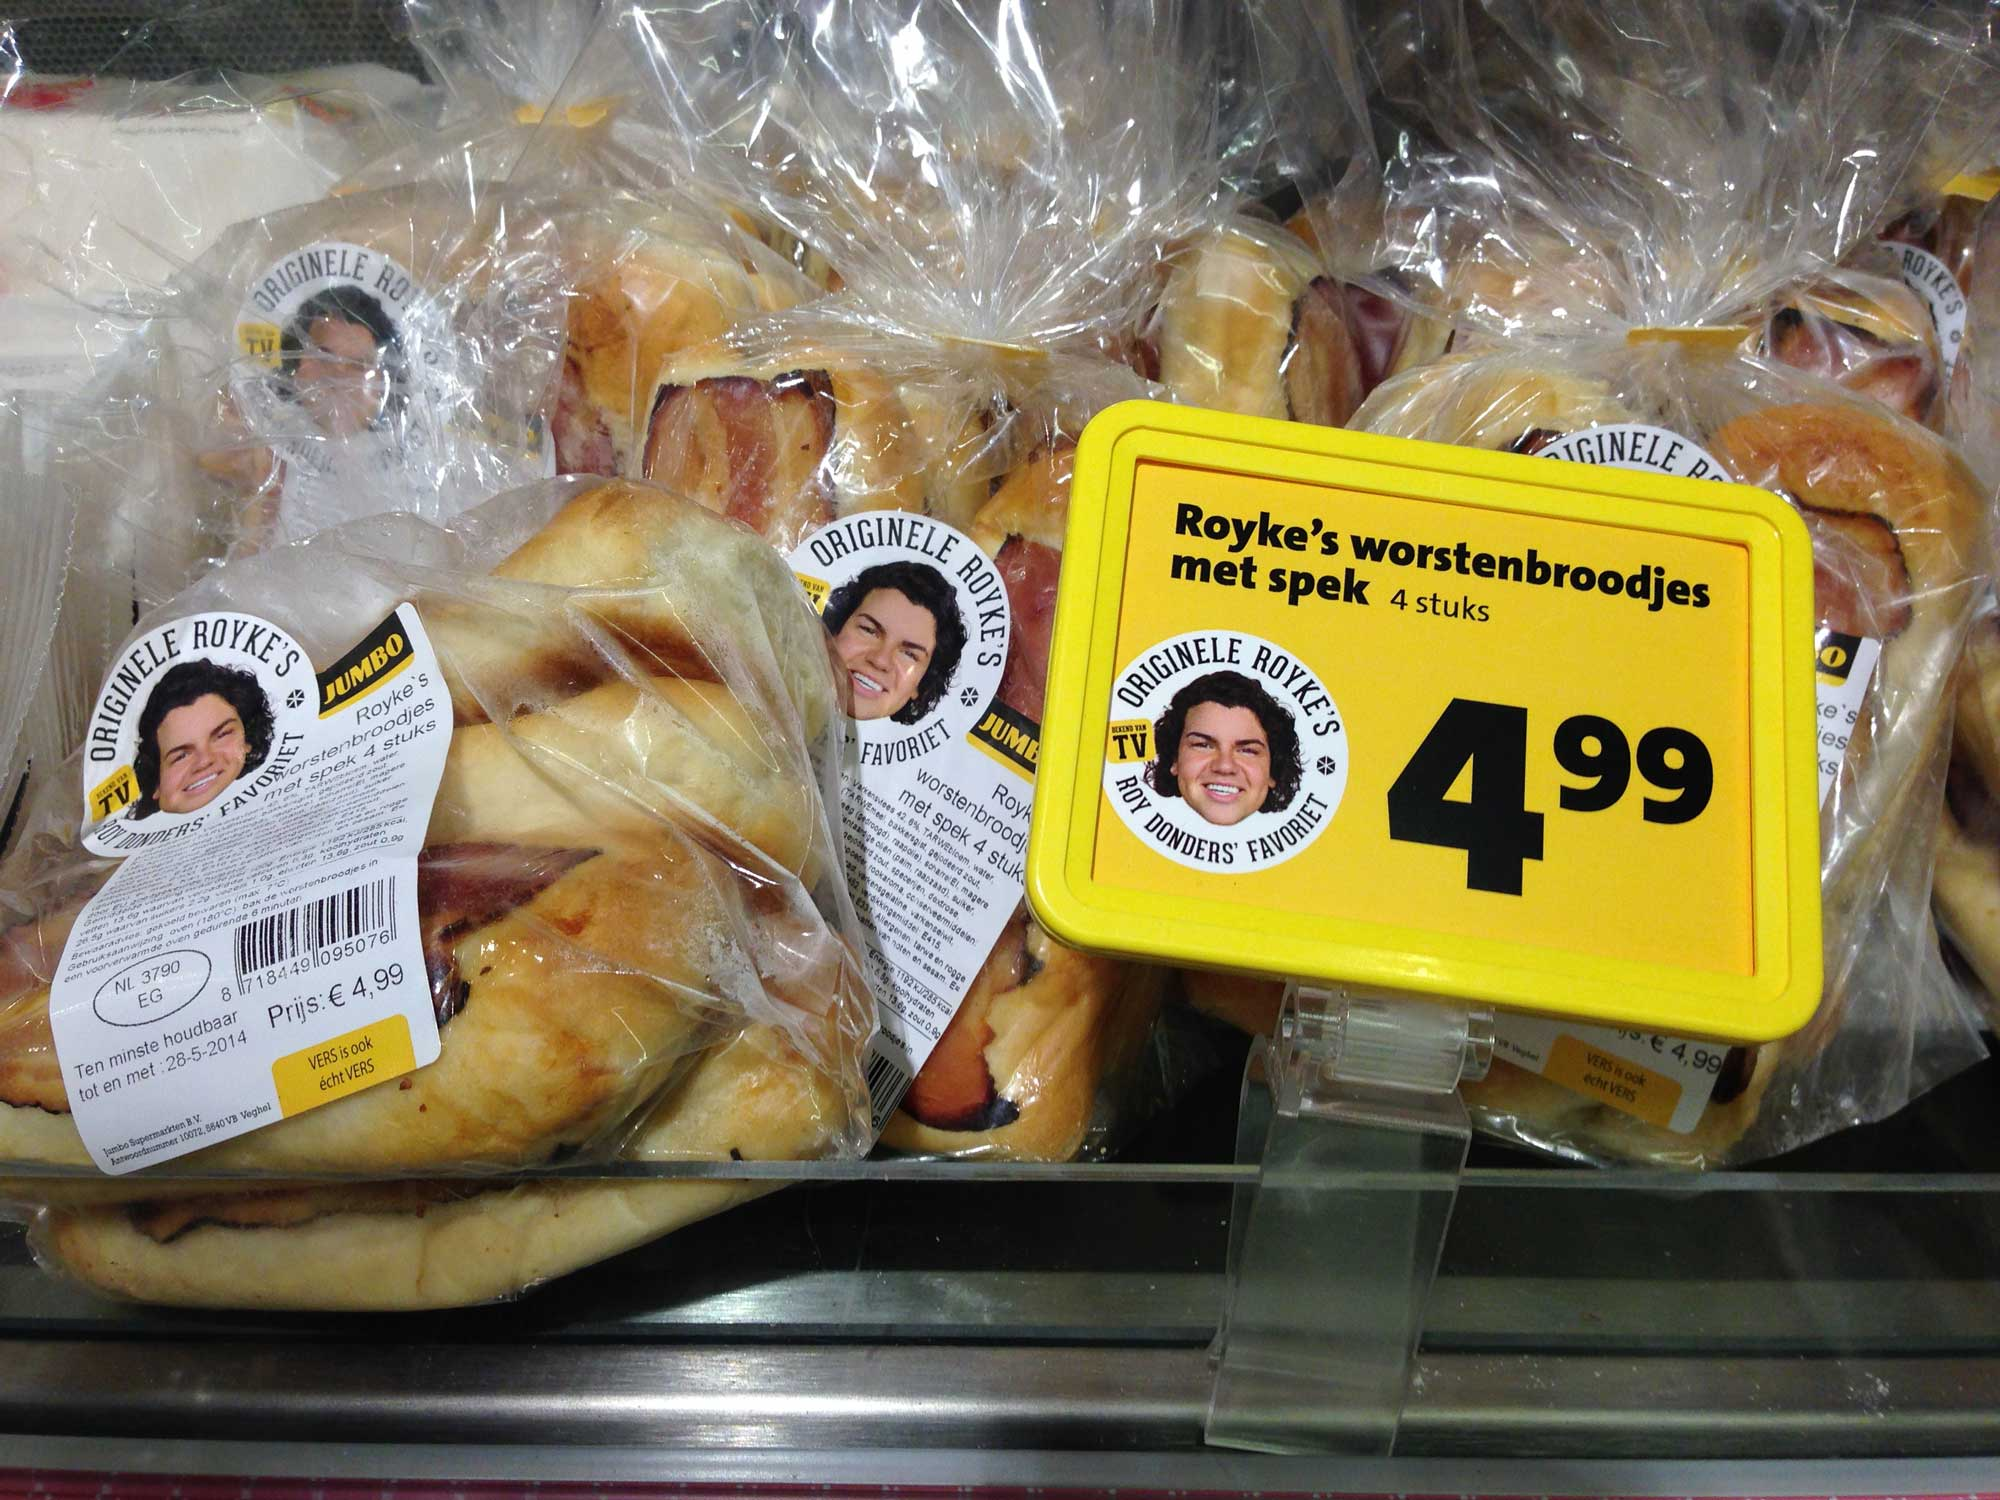 Donders-Worstenbroodjes.jpg